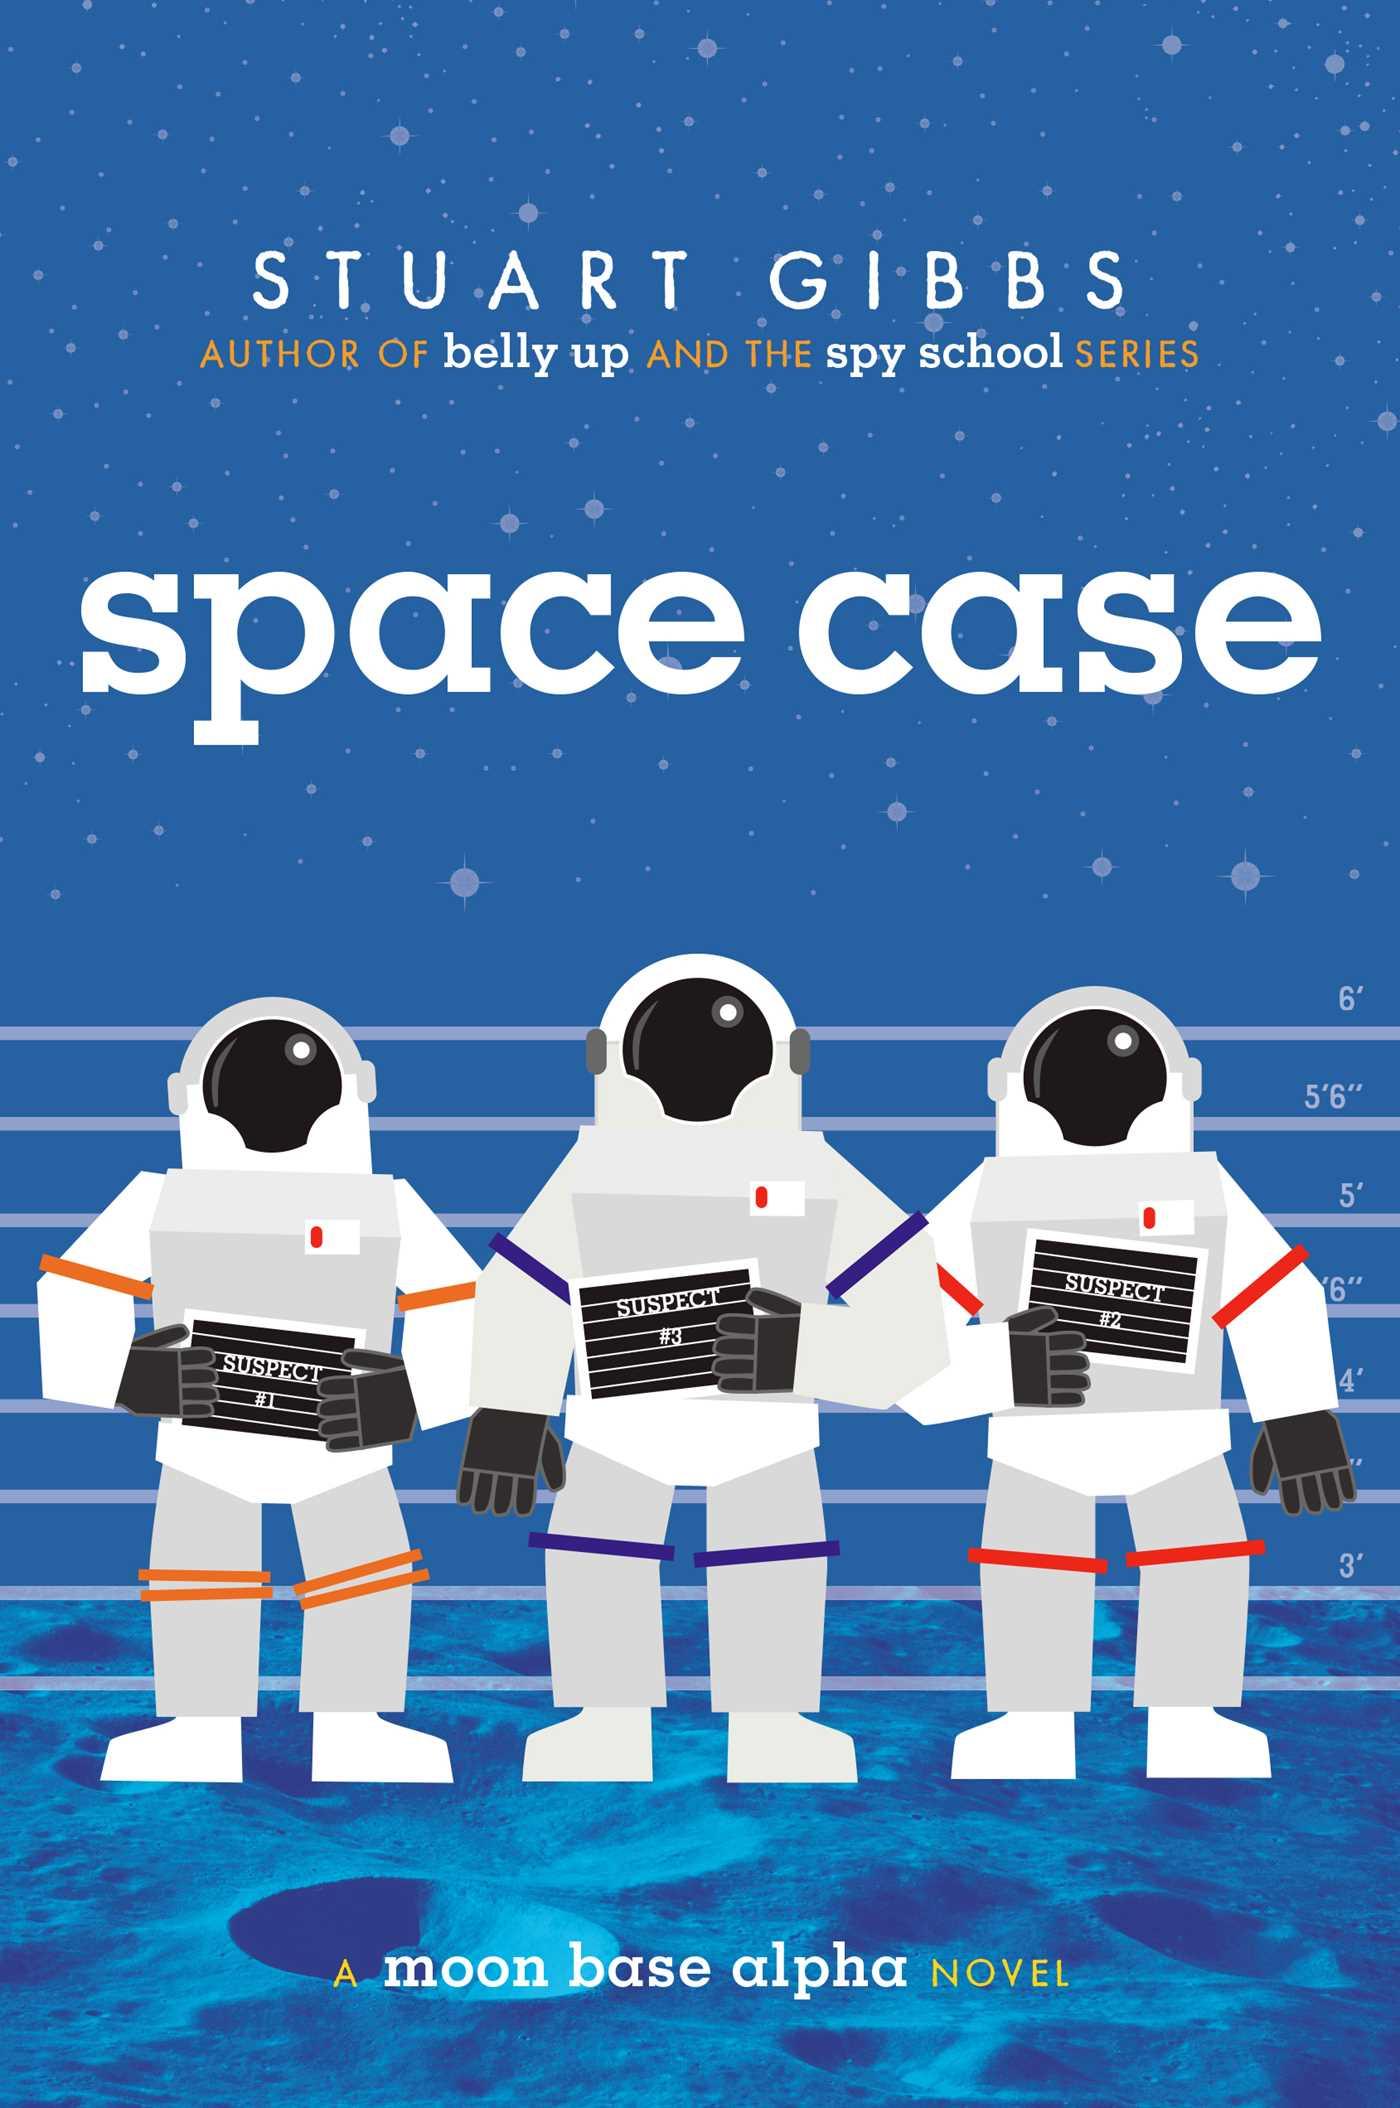 Space case 9781442494862 hr